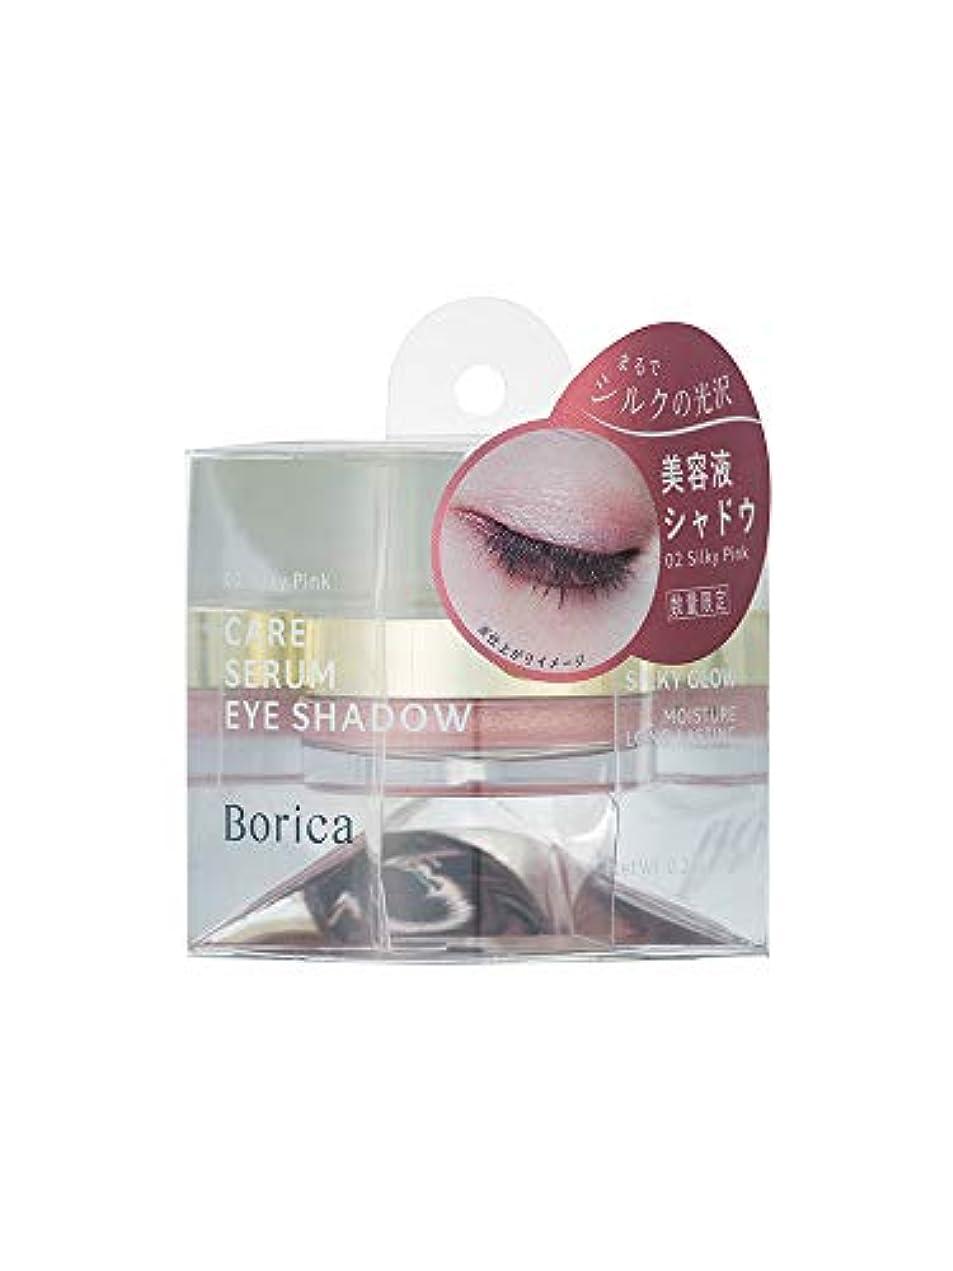 アクティビティ影響振る舞うBorica 美容液ケアアイシャドウ<シルキーグロウ02(02 Silky Pink)>